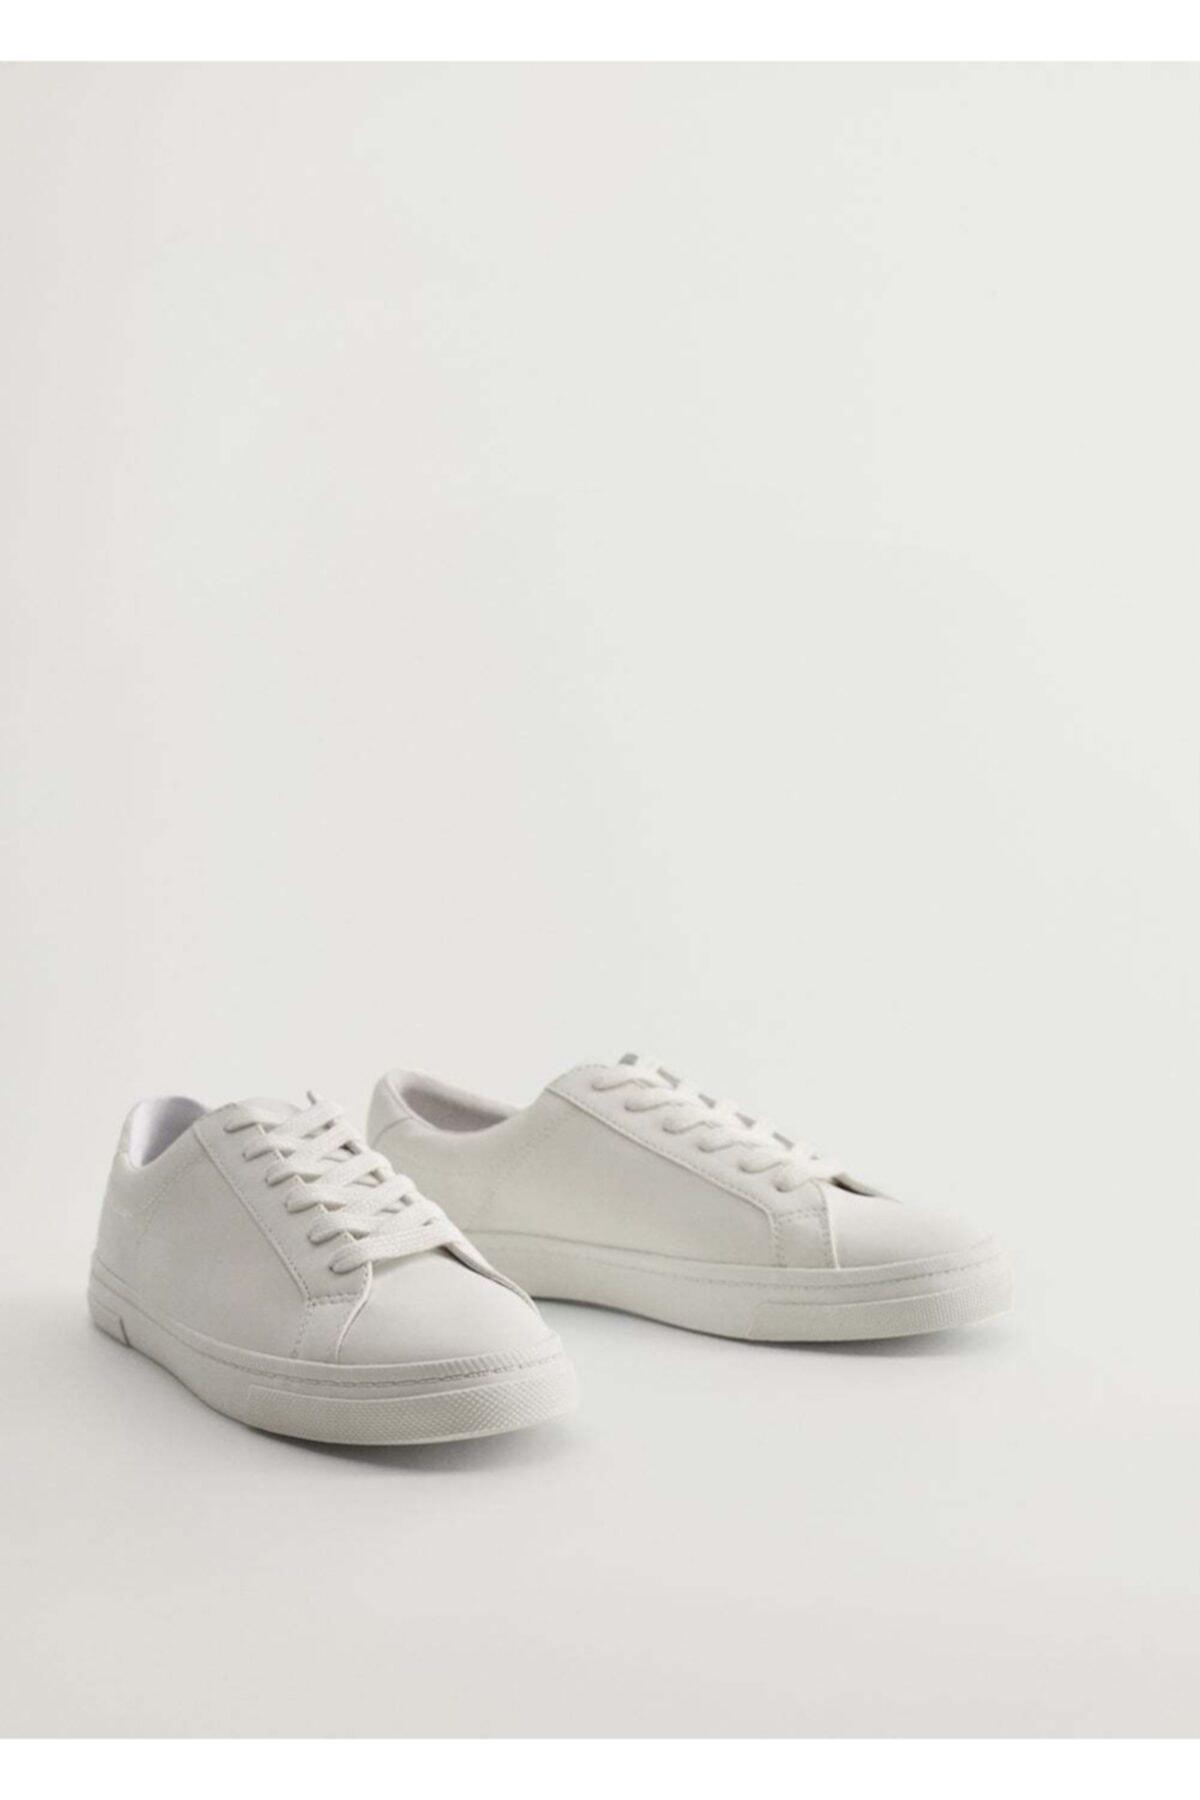 MANGO Woman Kadın Beyaz Bağcıklı Basic Spor Ayakkabı 77090550 2